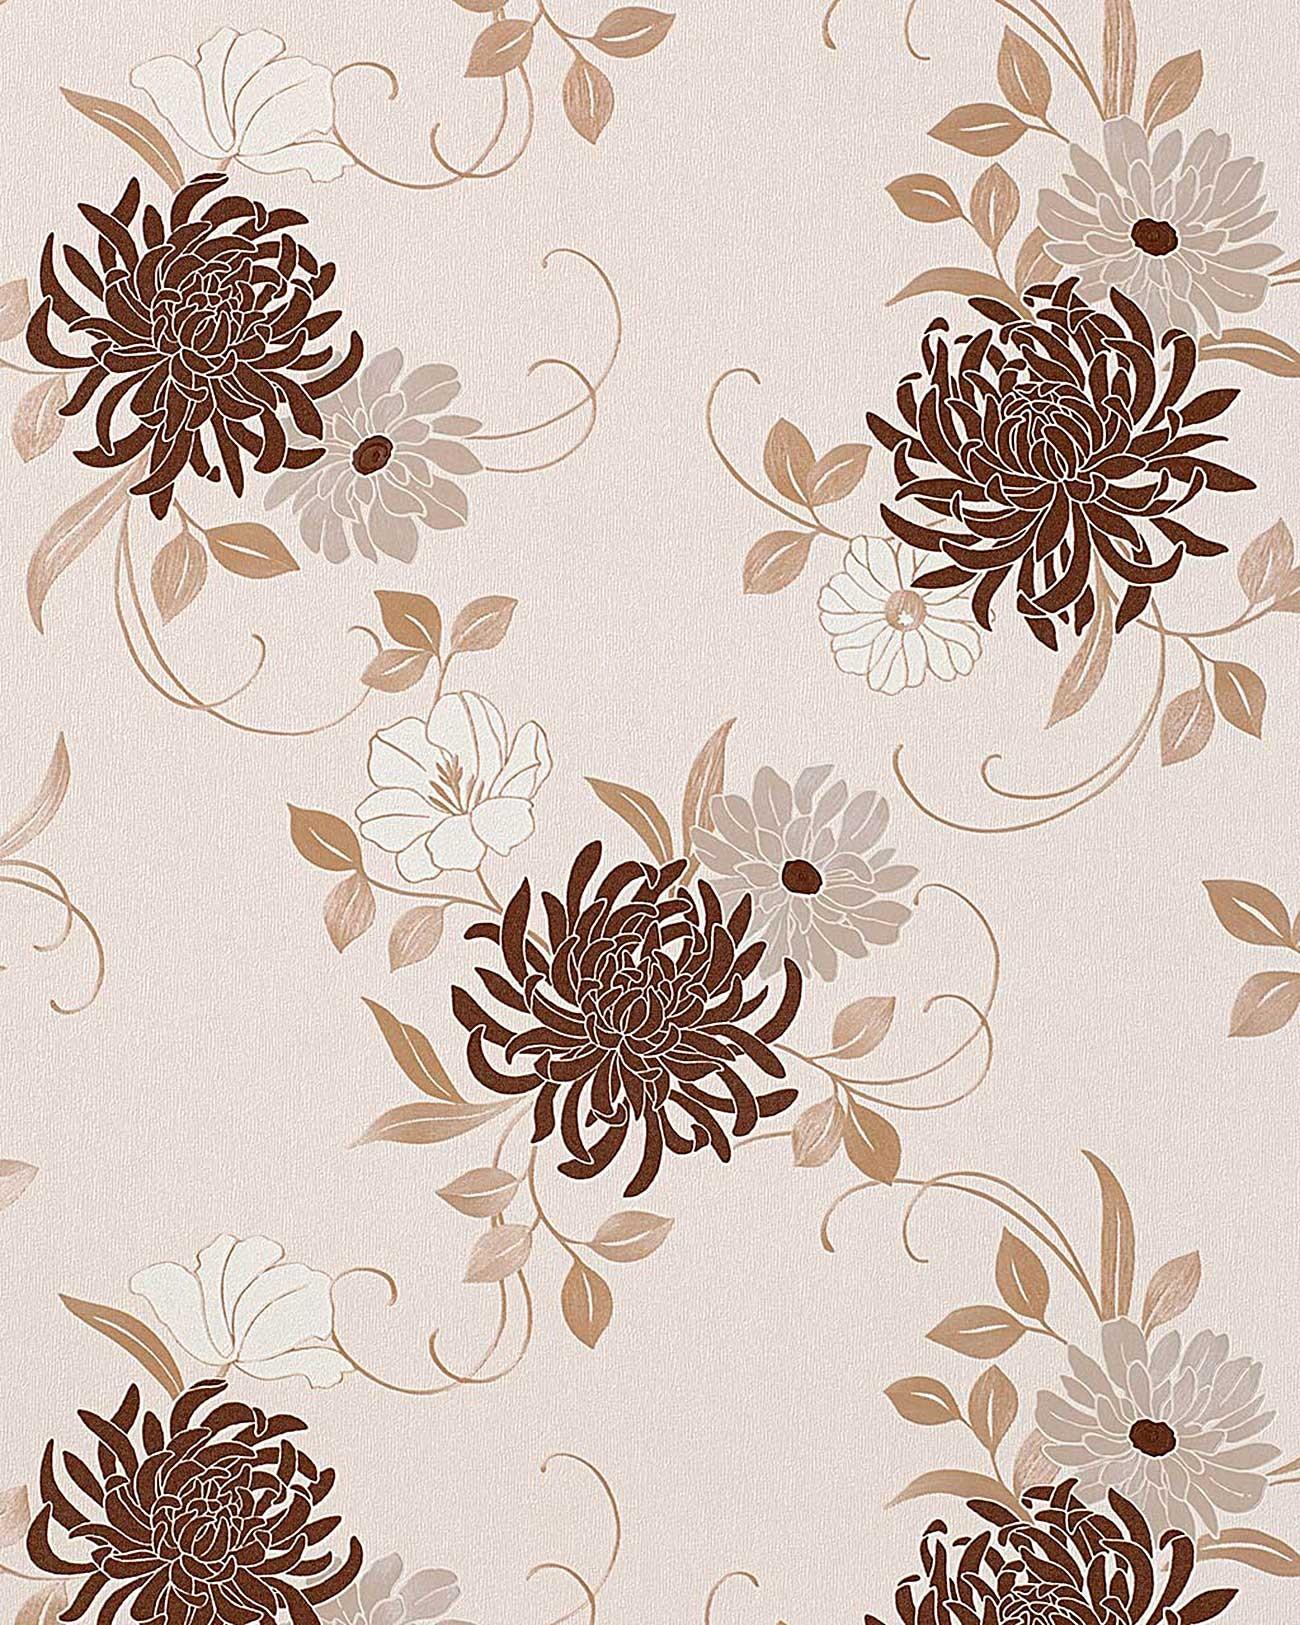 Papier peint deluxe fleurs edem 824 23 beige brun cr me - Sous couche papier peint ...